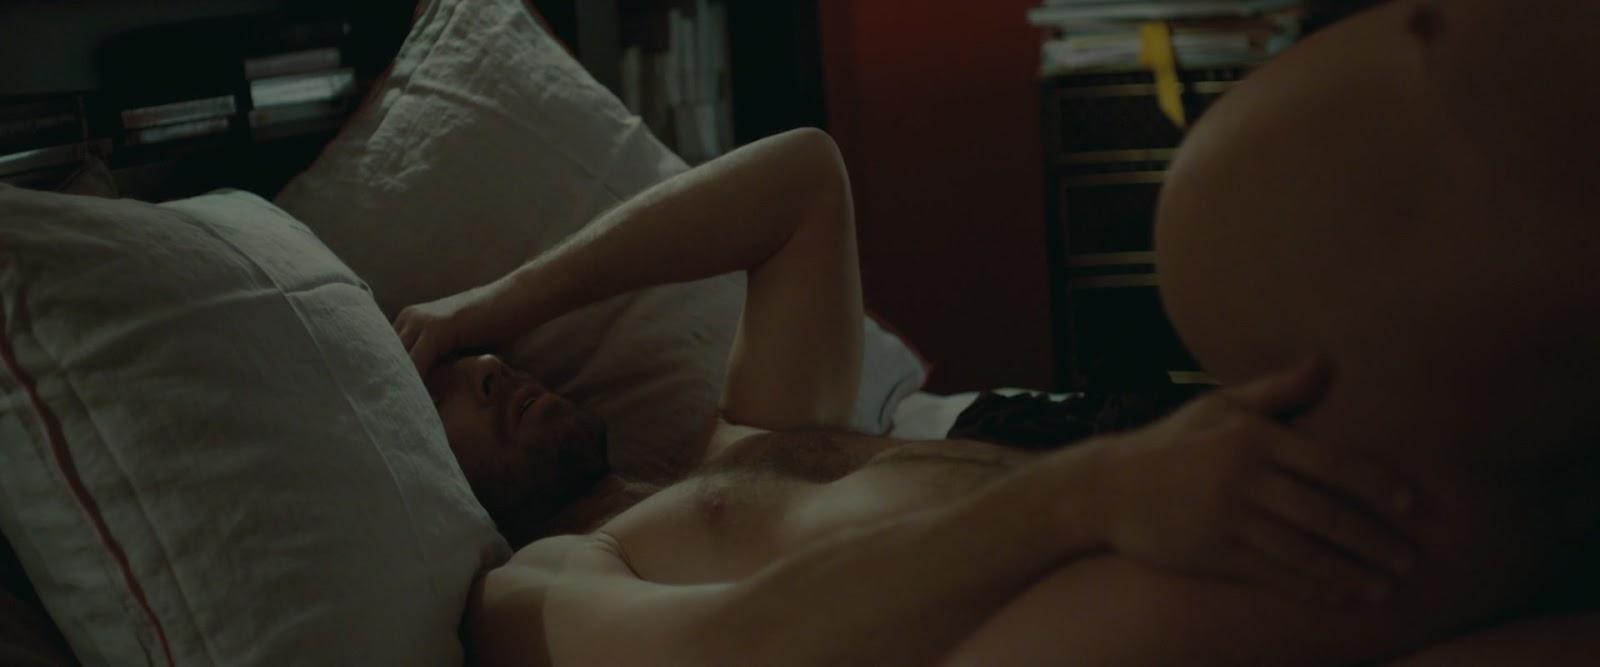 Texas tits slut sex